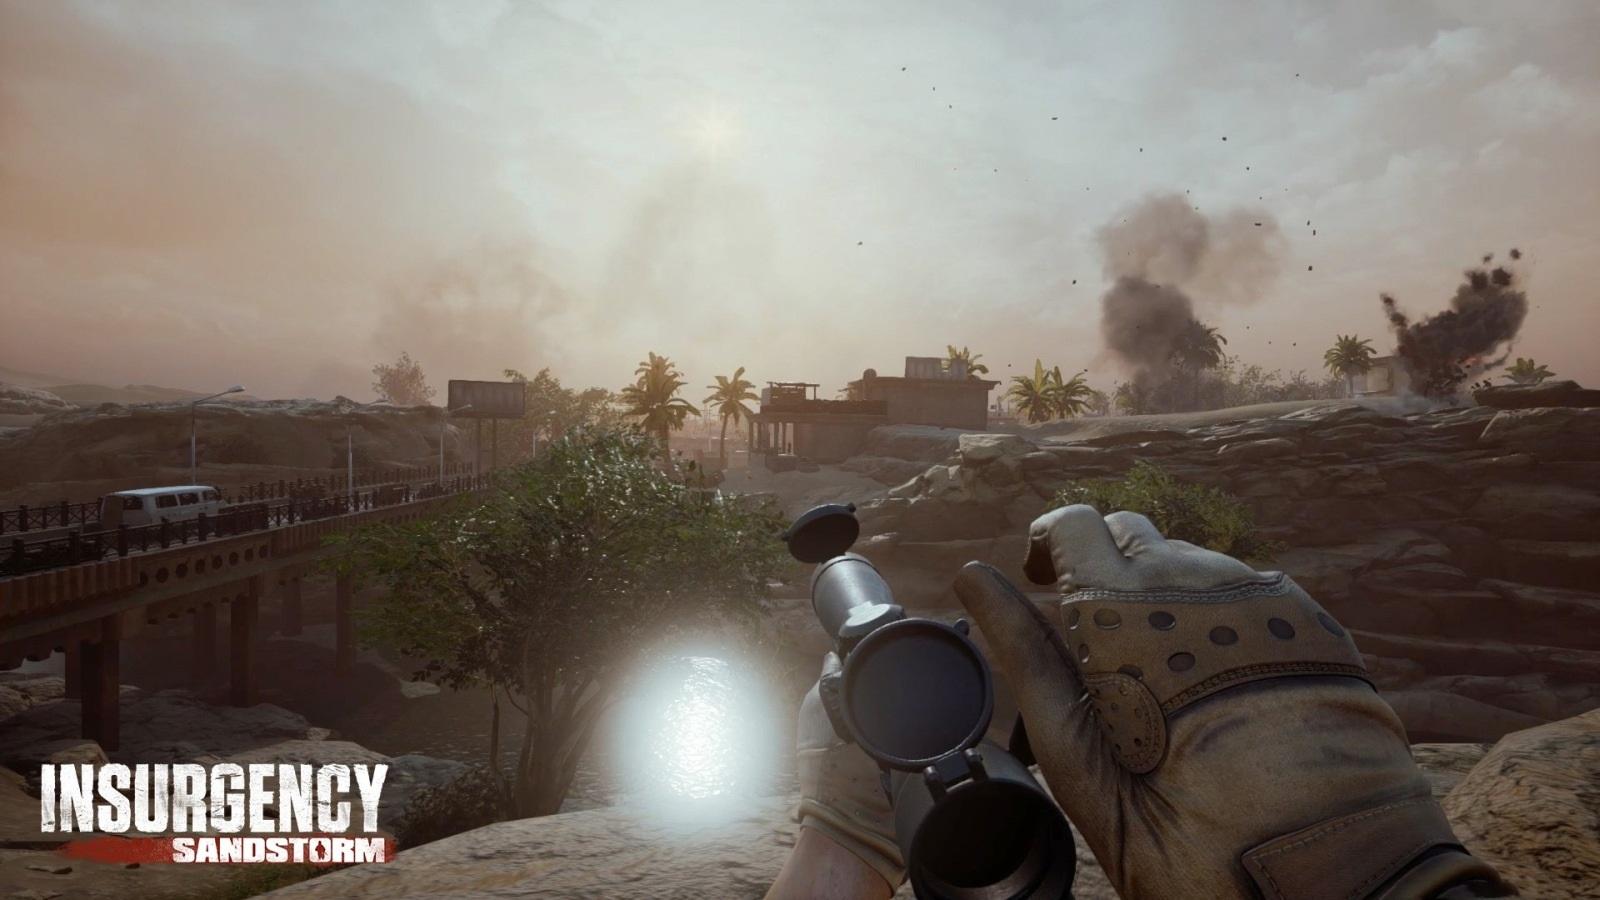 Nejočekávanější hry v prosinec 2018; Insurgency: Sandstorm, screenshot: sniper